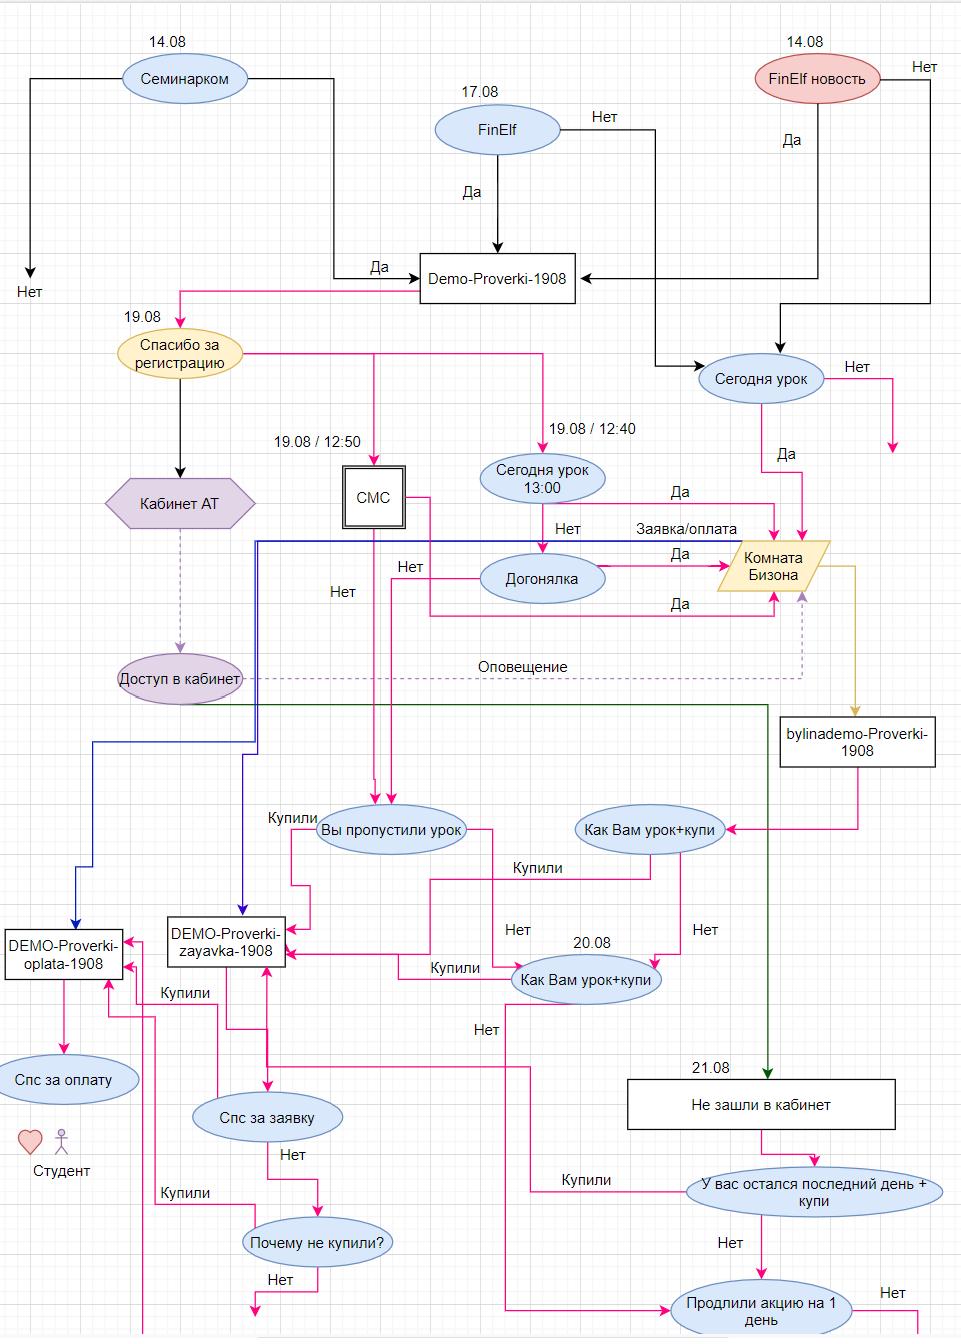 Схема коммуникаций для вебинаров finelf academy